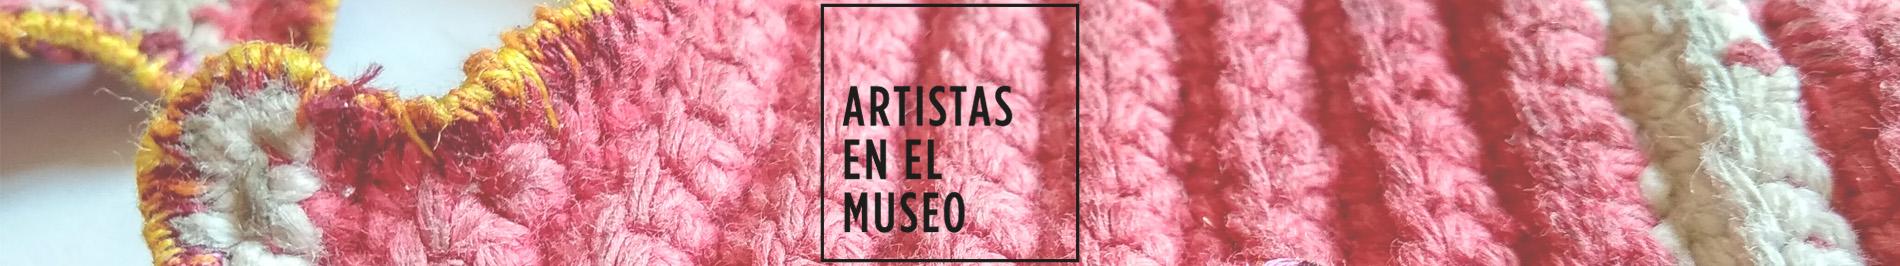 artistas en el museo